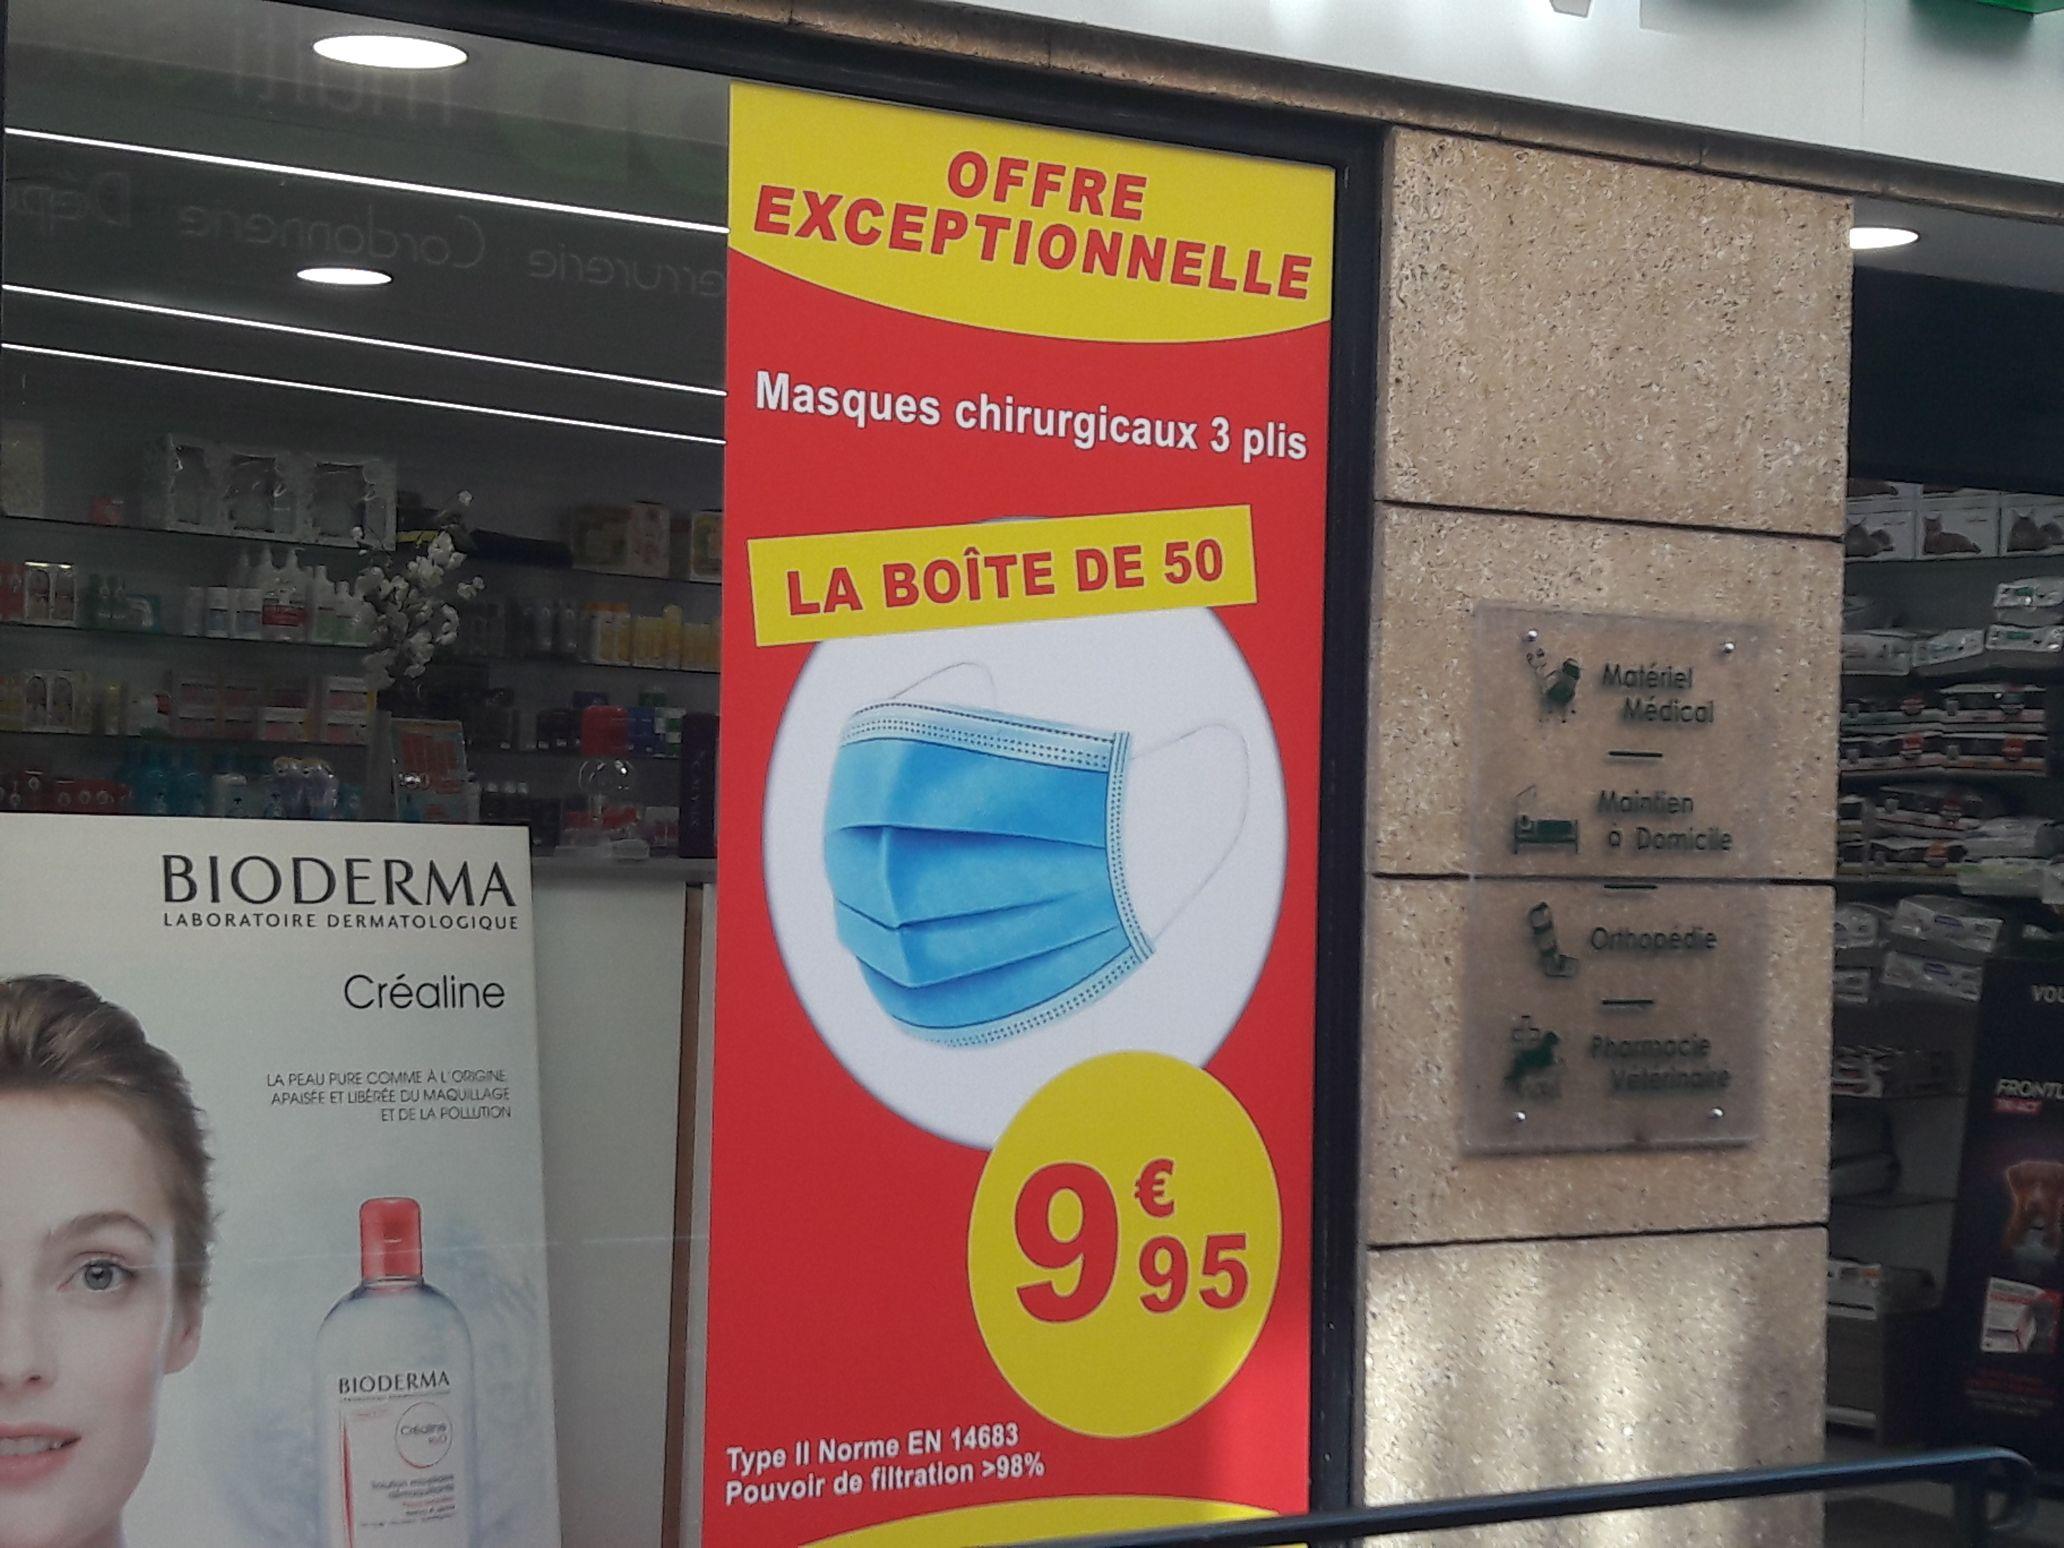 Boîte de 50 masques chirurgicaux type II BFE - Pharmacie des Cordeliers Aix en Provence (13)